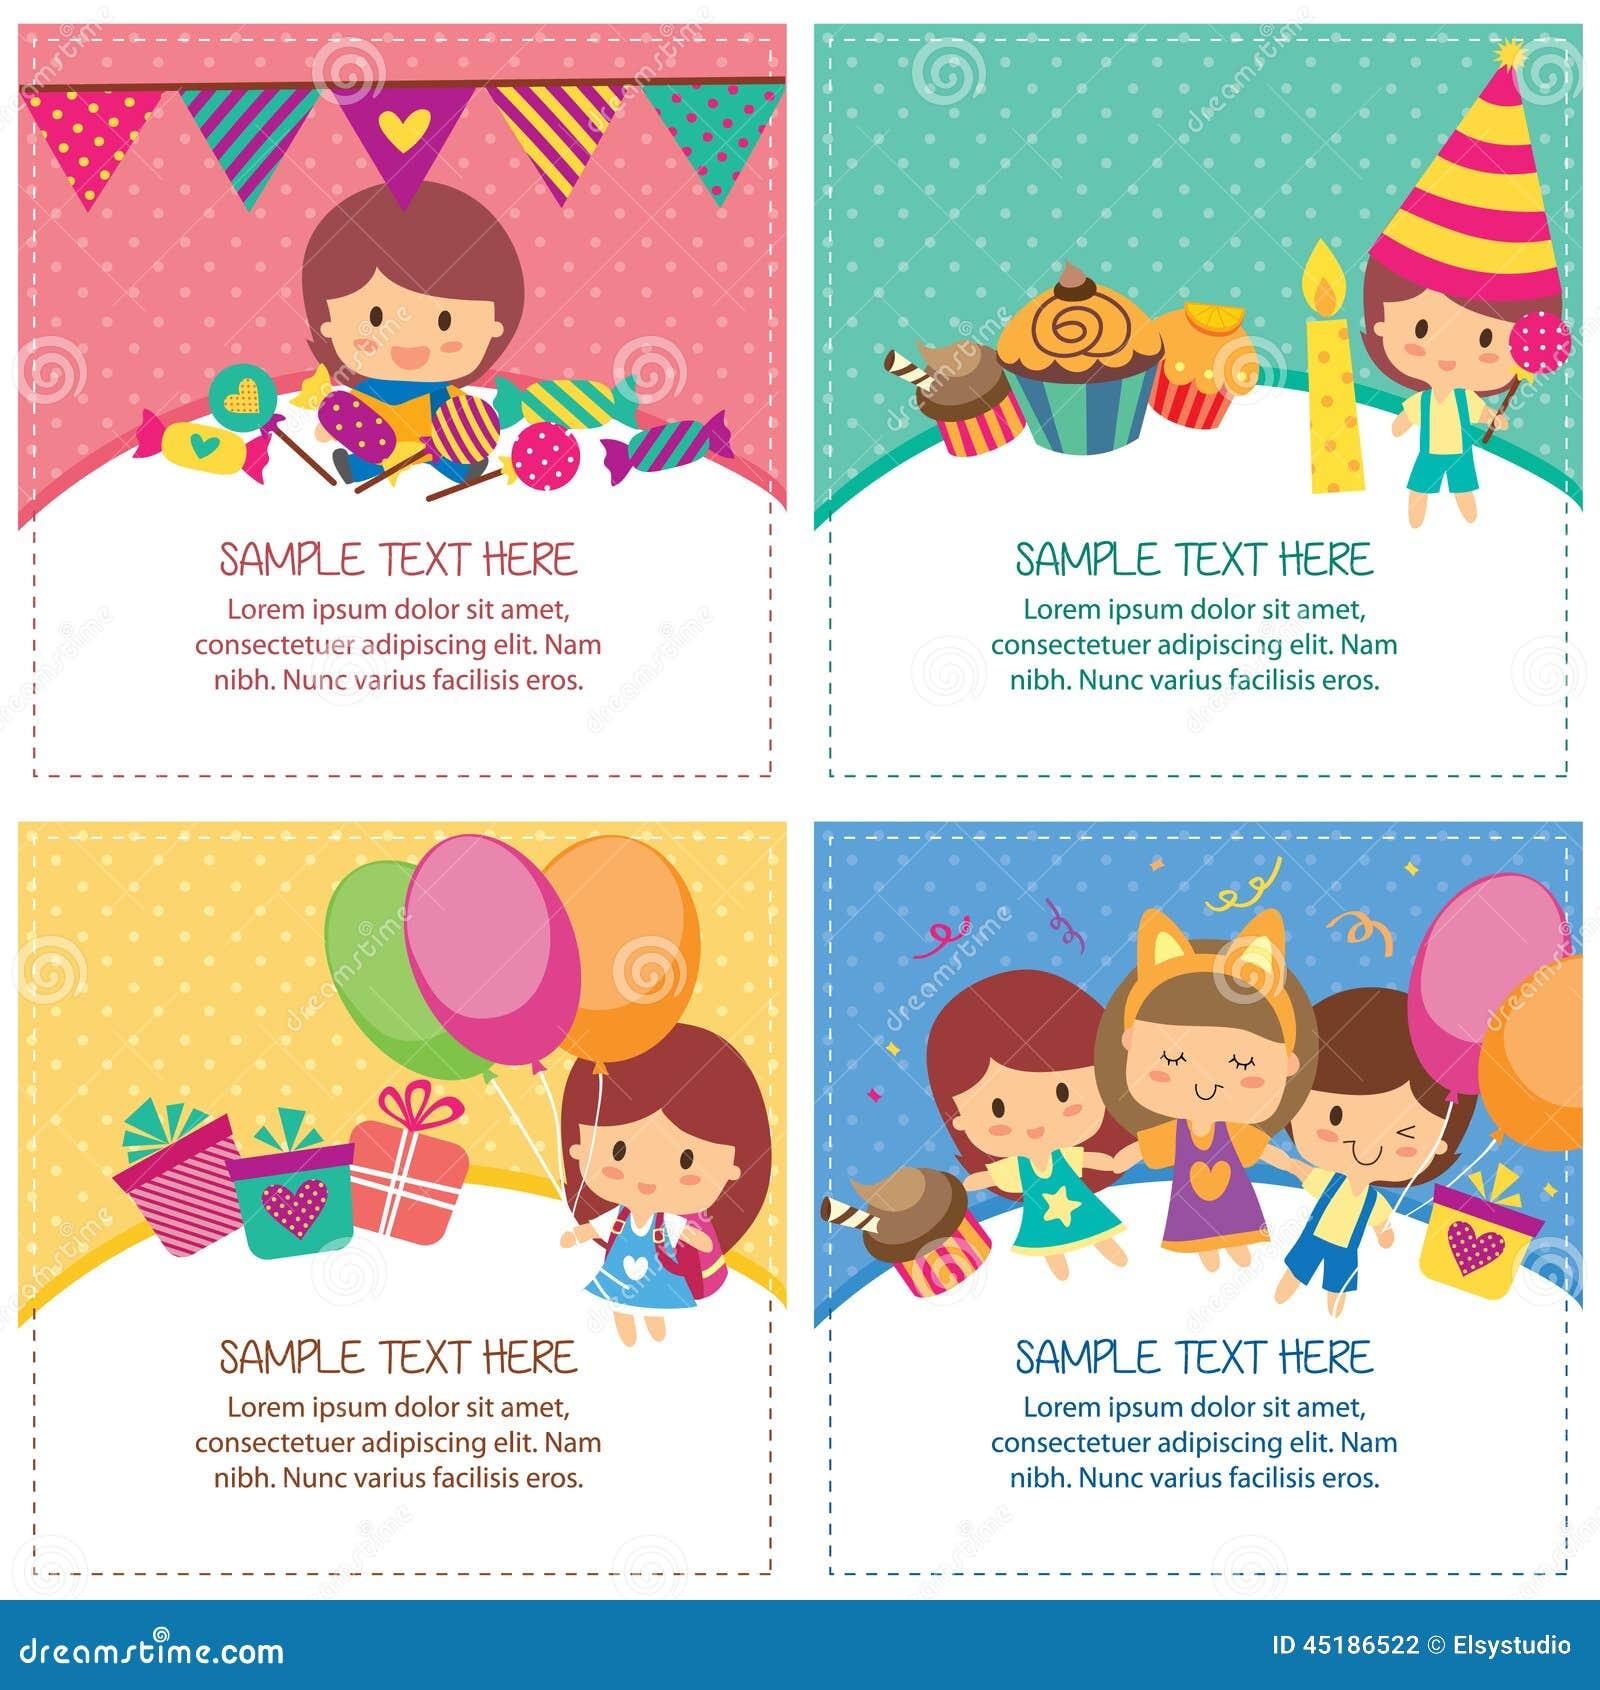 Children S Book Cover Design Template : Children book cover design templates imgkid